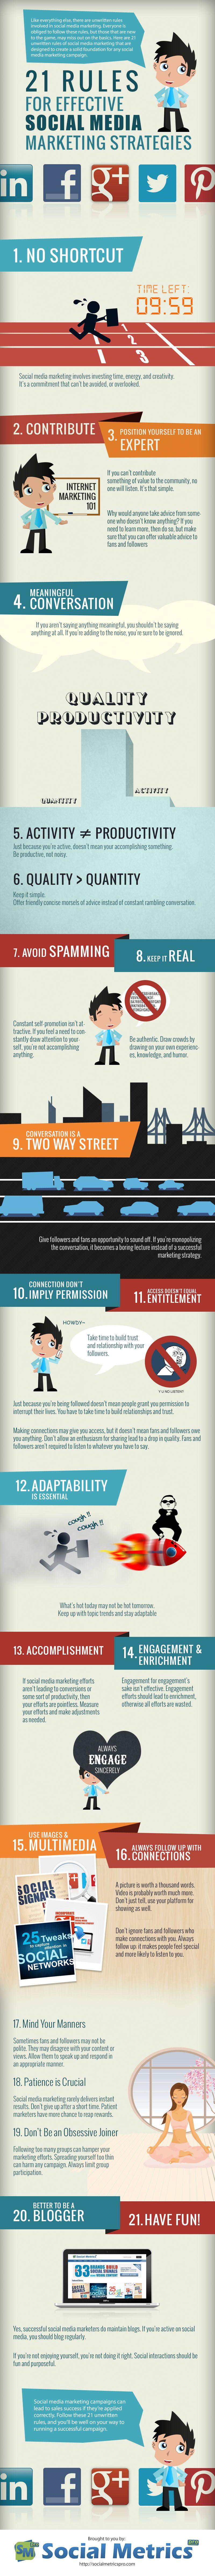 21 reglas no escritas de #estrategias eficaces de #marketing en #redessociales